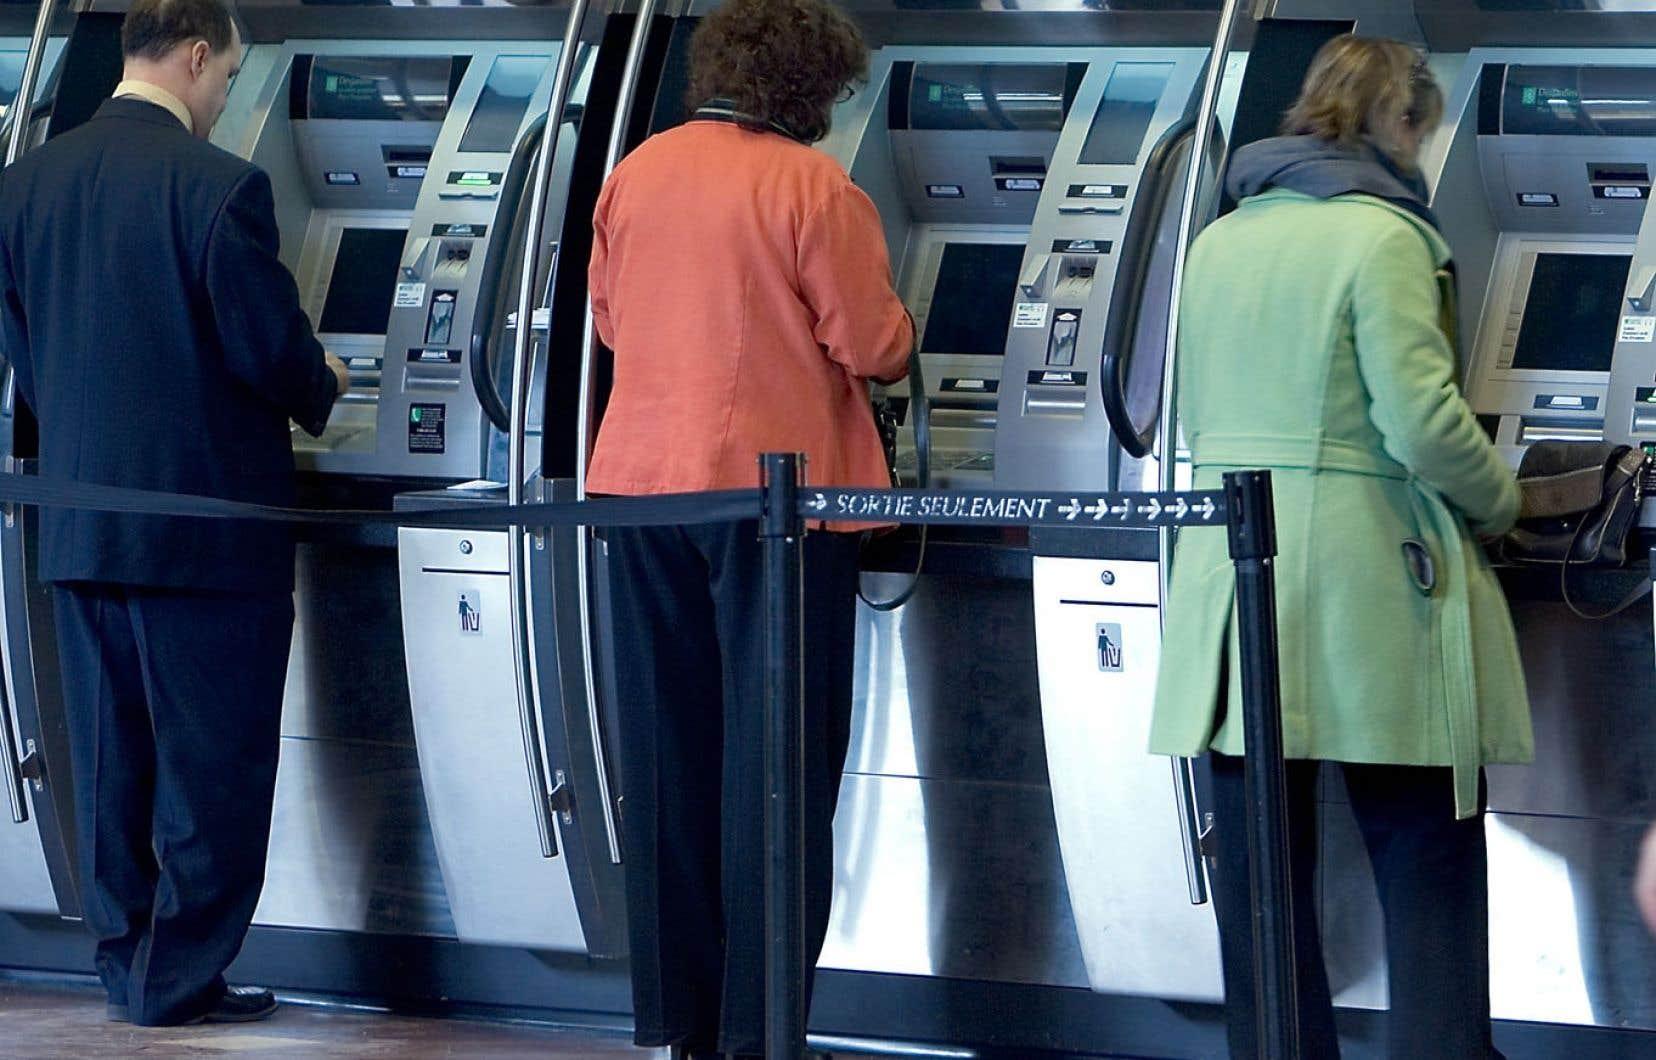 Option consommateurs note qu'il s'agit d'une économie minime puisque les plus démunis ont déjà droit à des comptes de base avec des frais mensuels de 4 $.